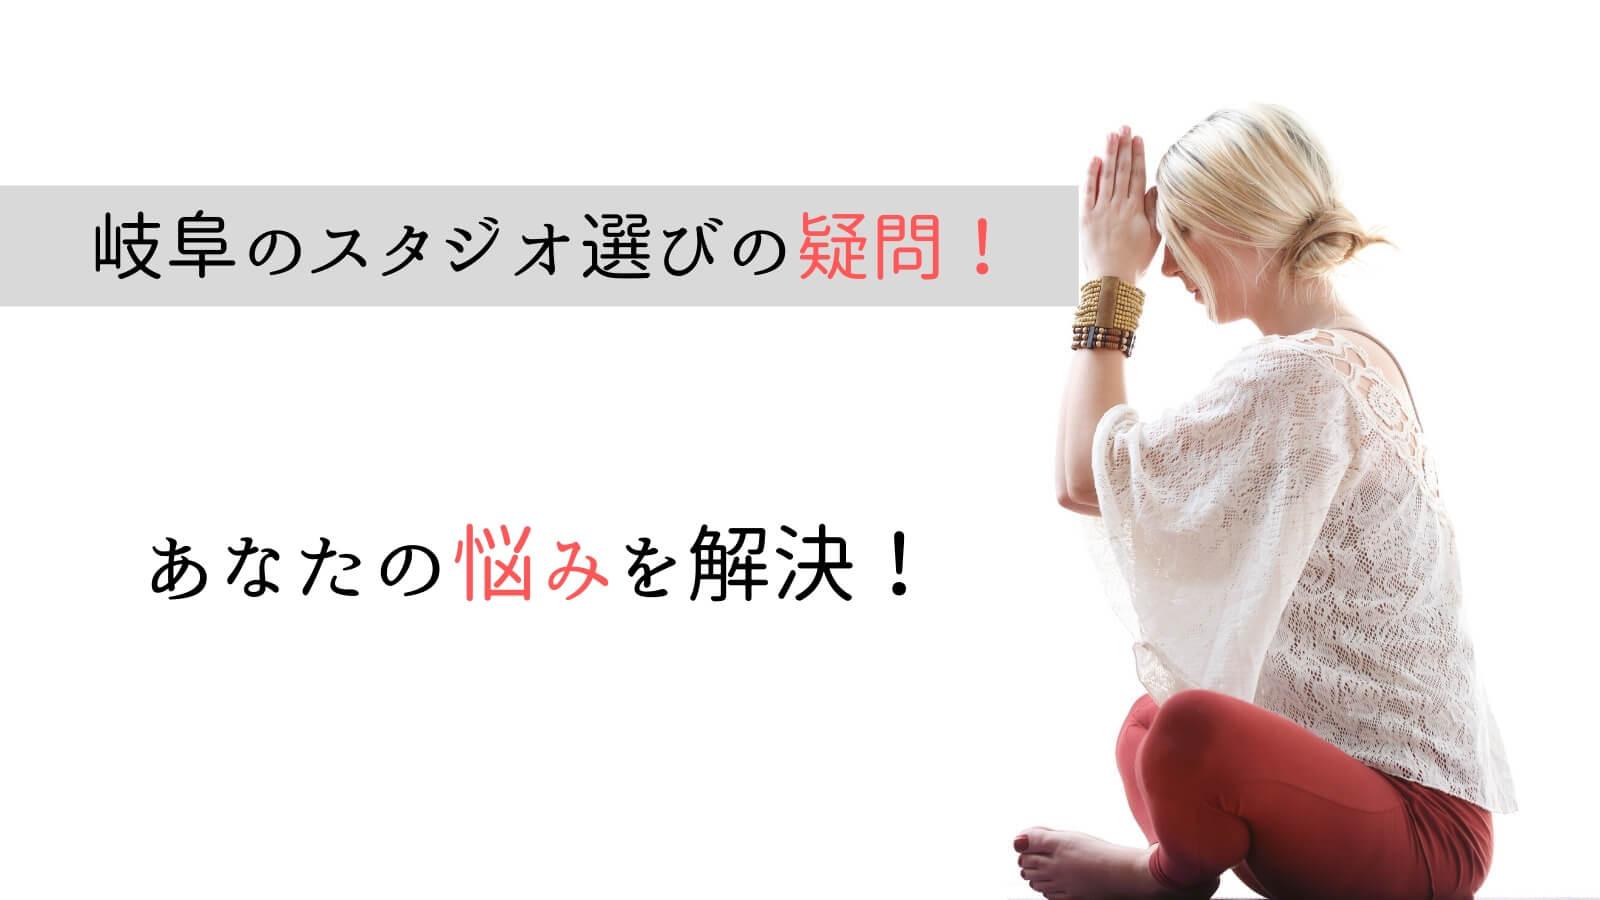 岐阜でのヨガスタジオ選びに関するQ&A